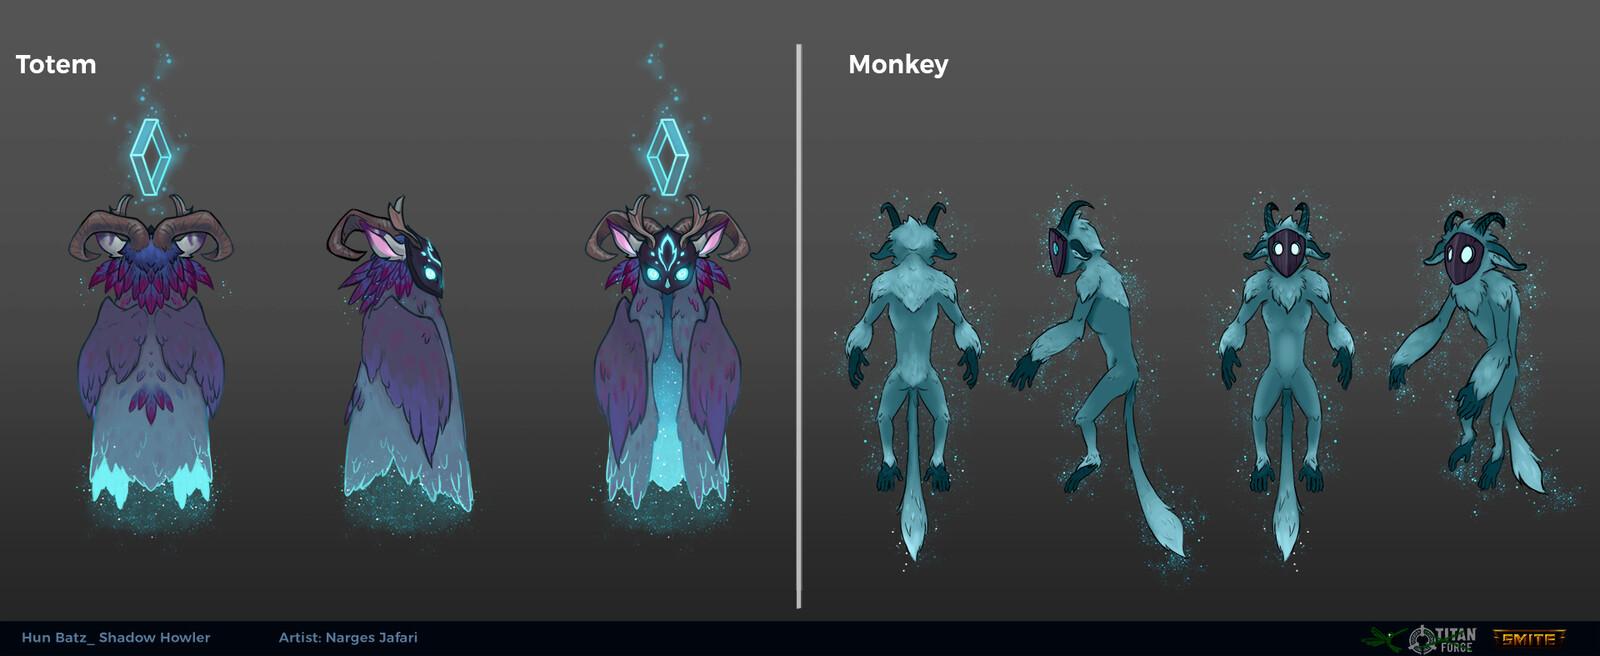 Totem and Monkey ortho